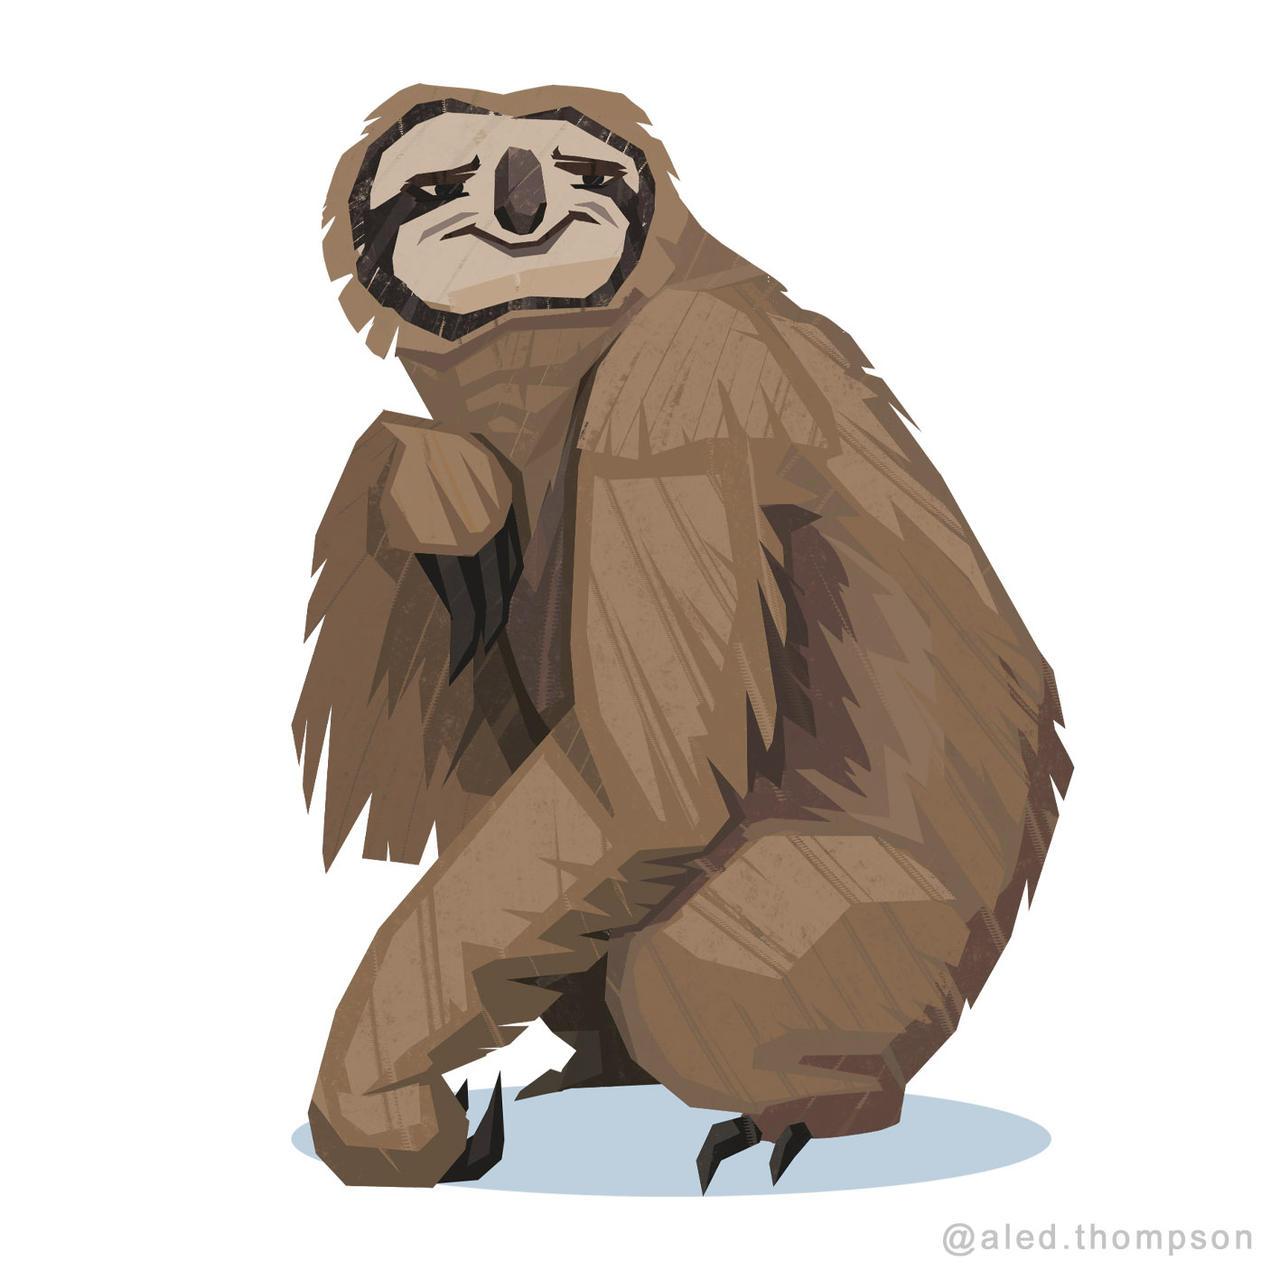 Sassy Sloth